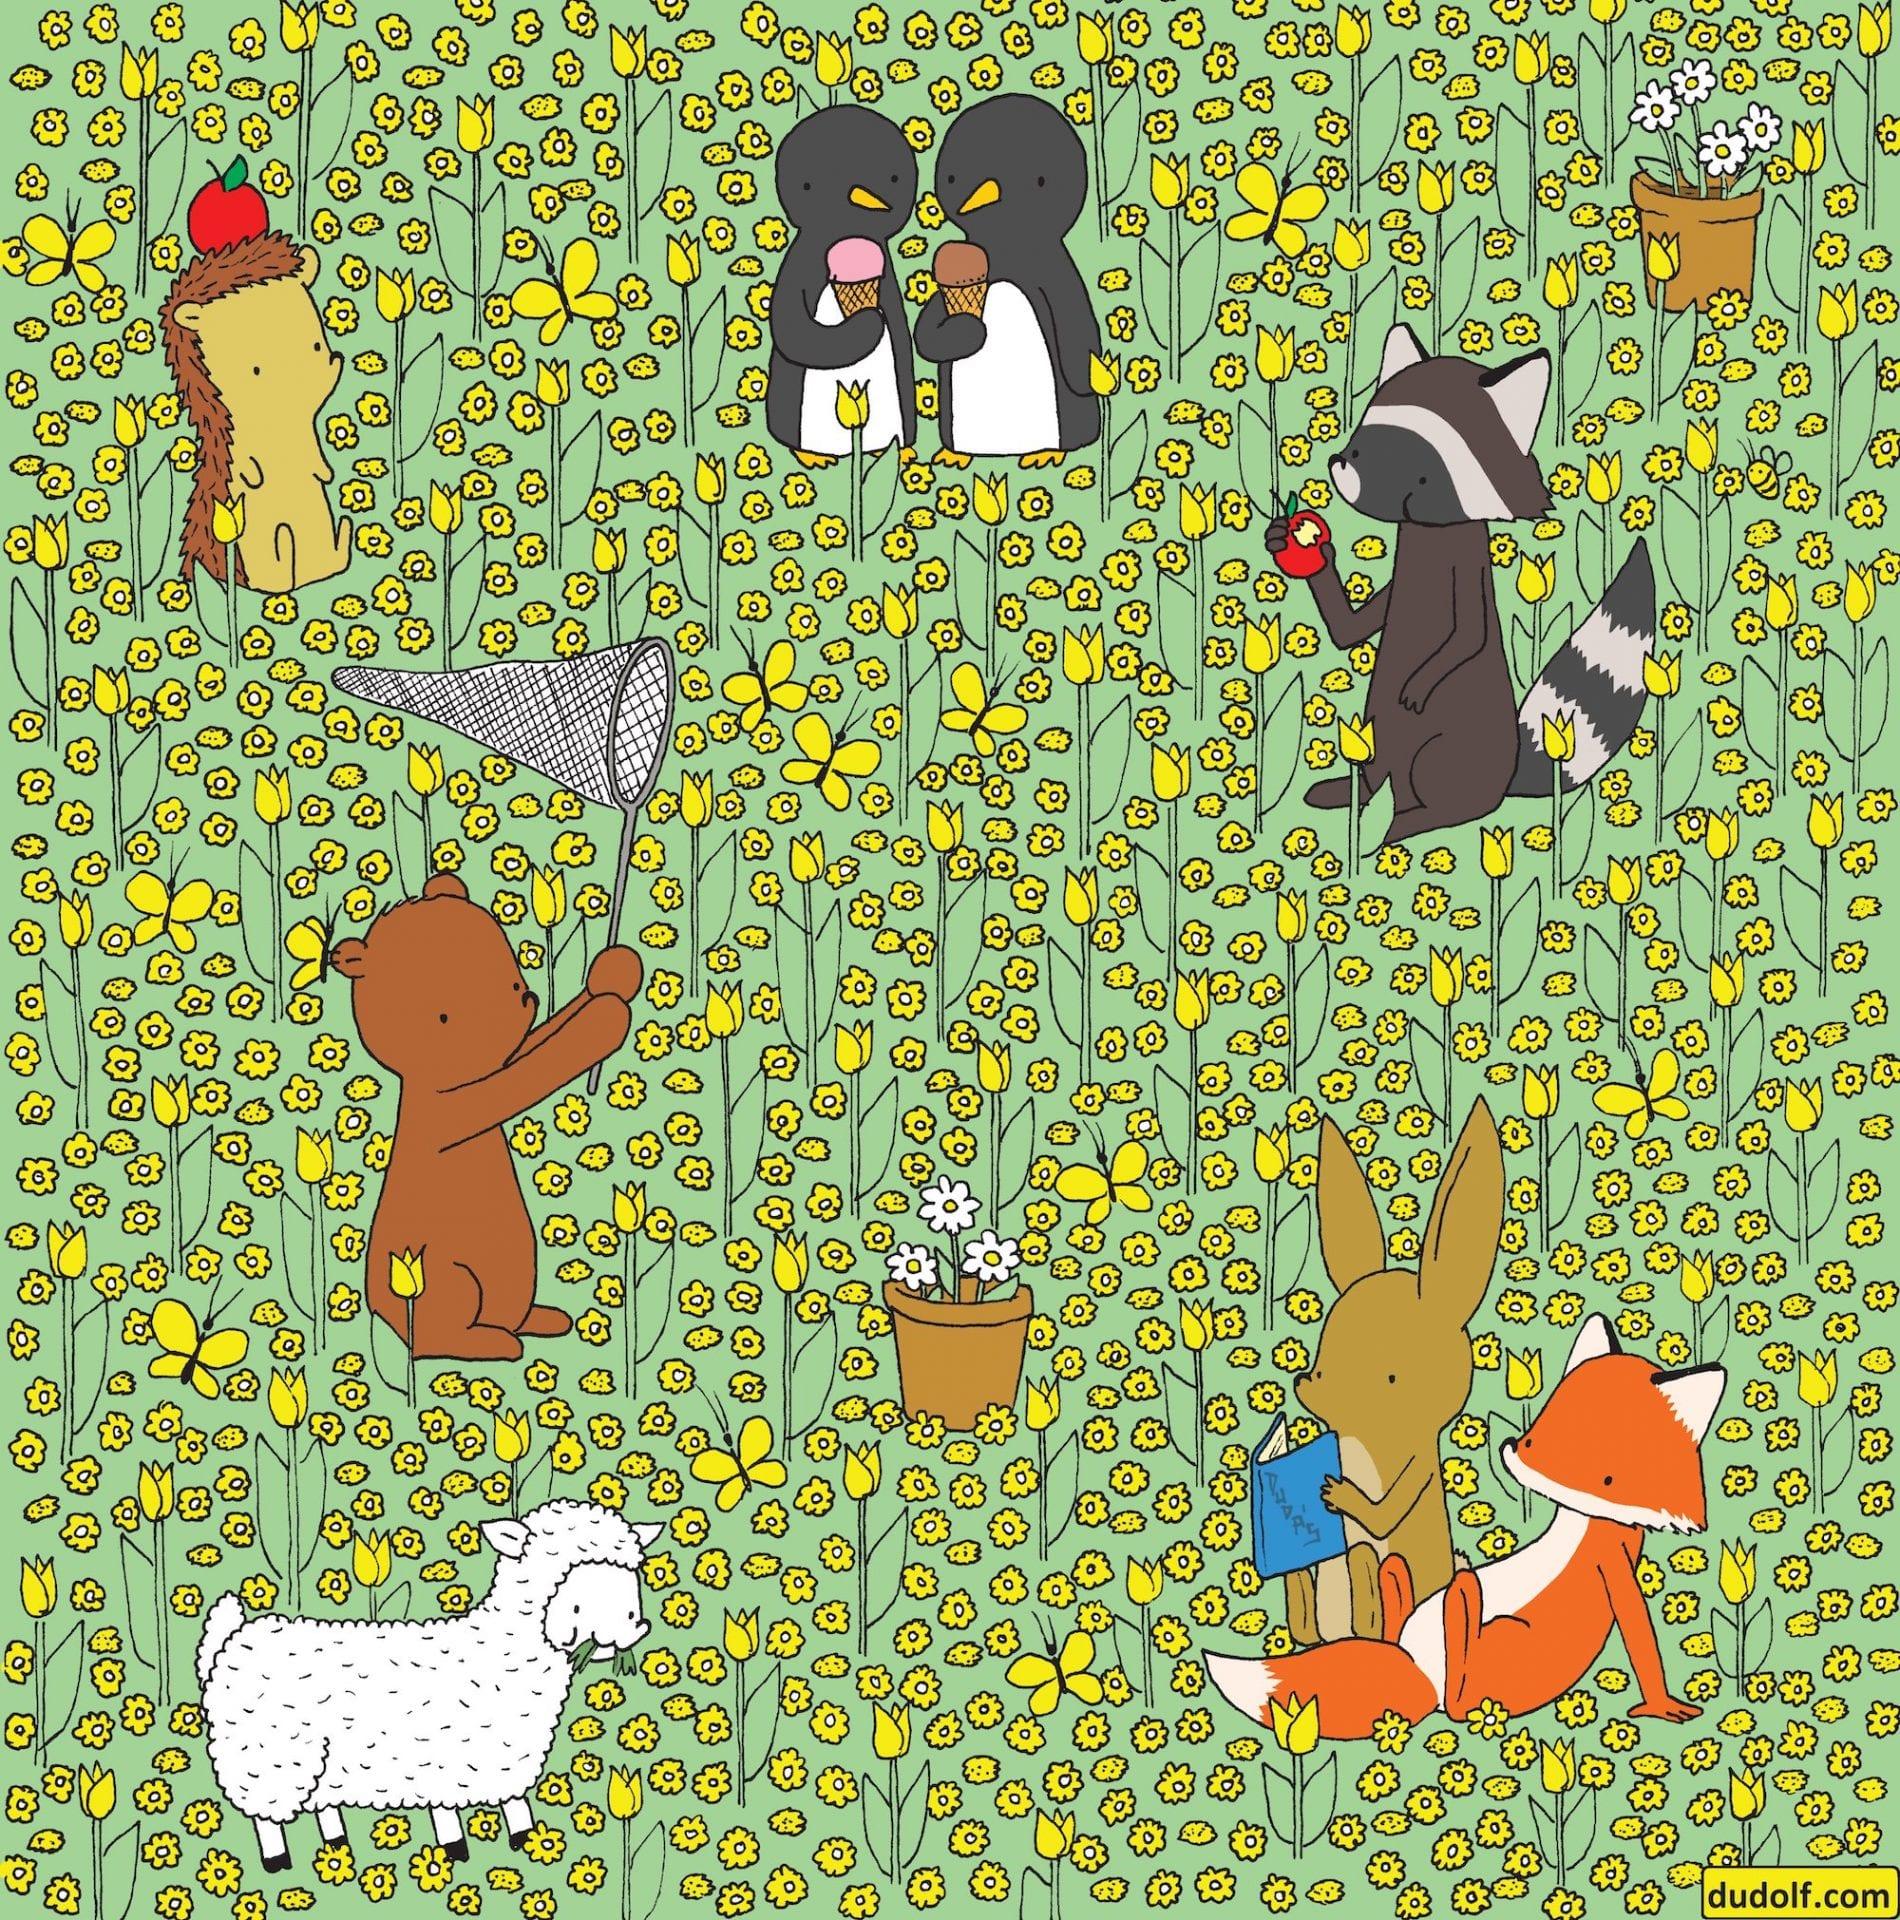 On vous met au défi de retrouver les personnages cachés dans ces 13 dessins de l'illustrateur Dudolf